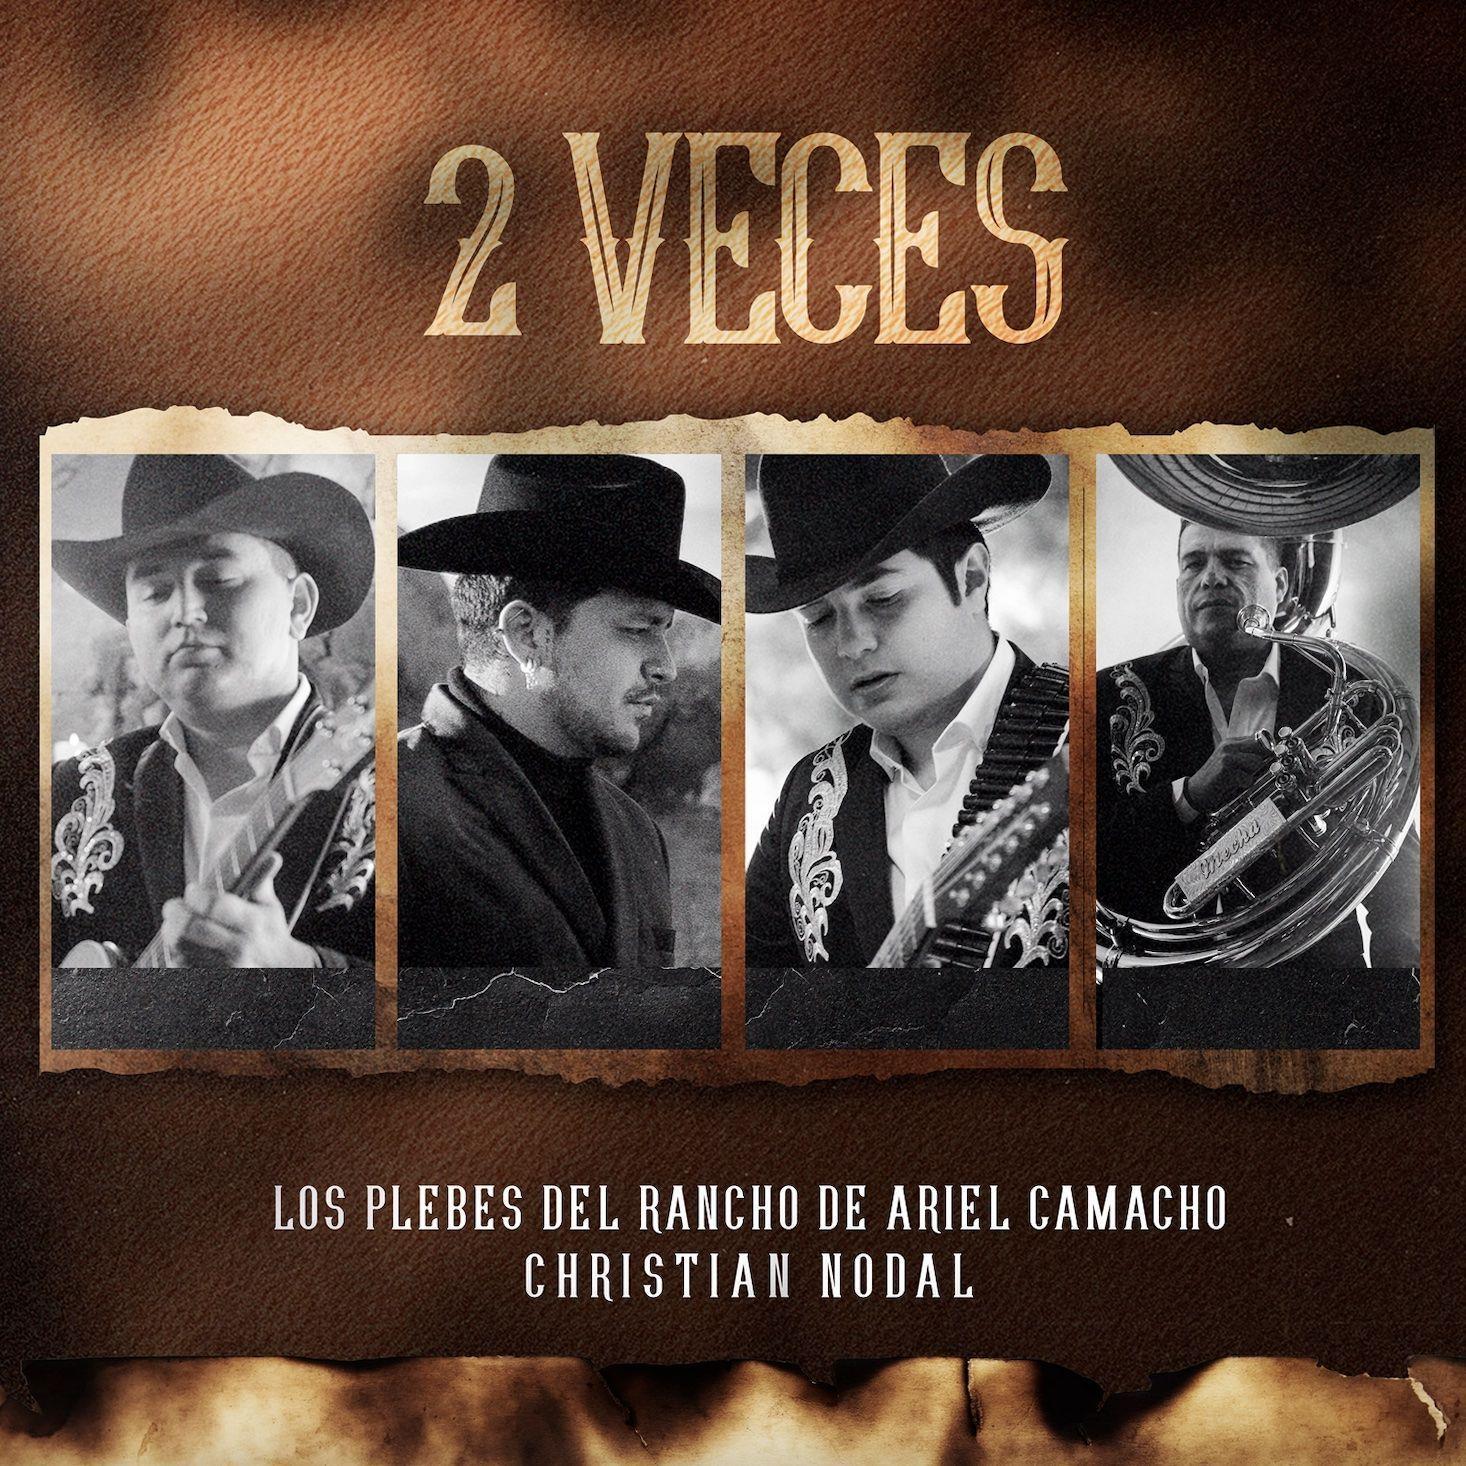 """Christian Nodal y Los Plebes del Rancho, narran en """"2 Veces"""" la realidad que sufren muchas personas - Revista Que Tal"""